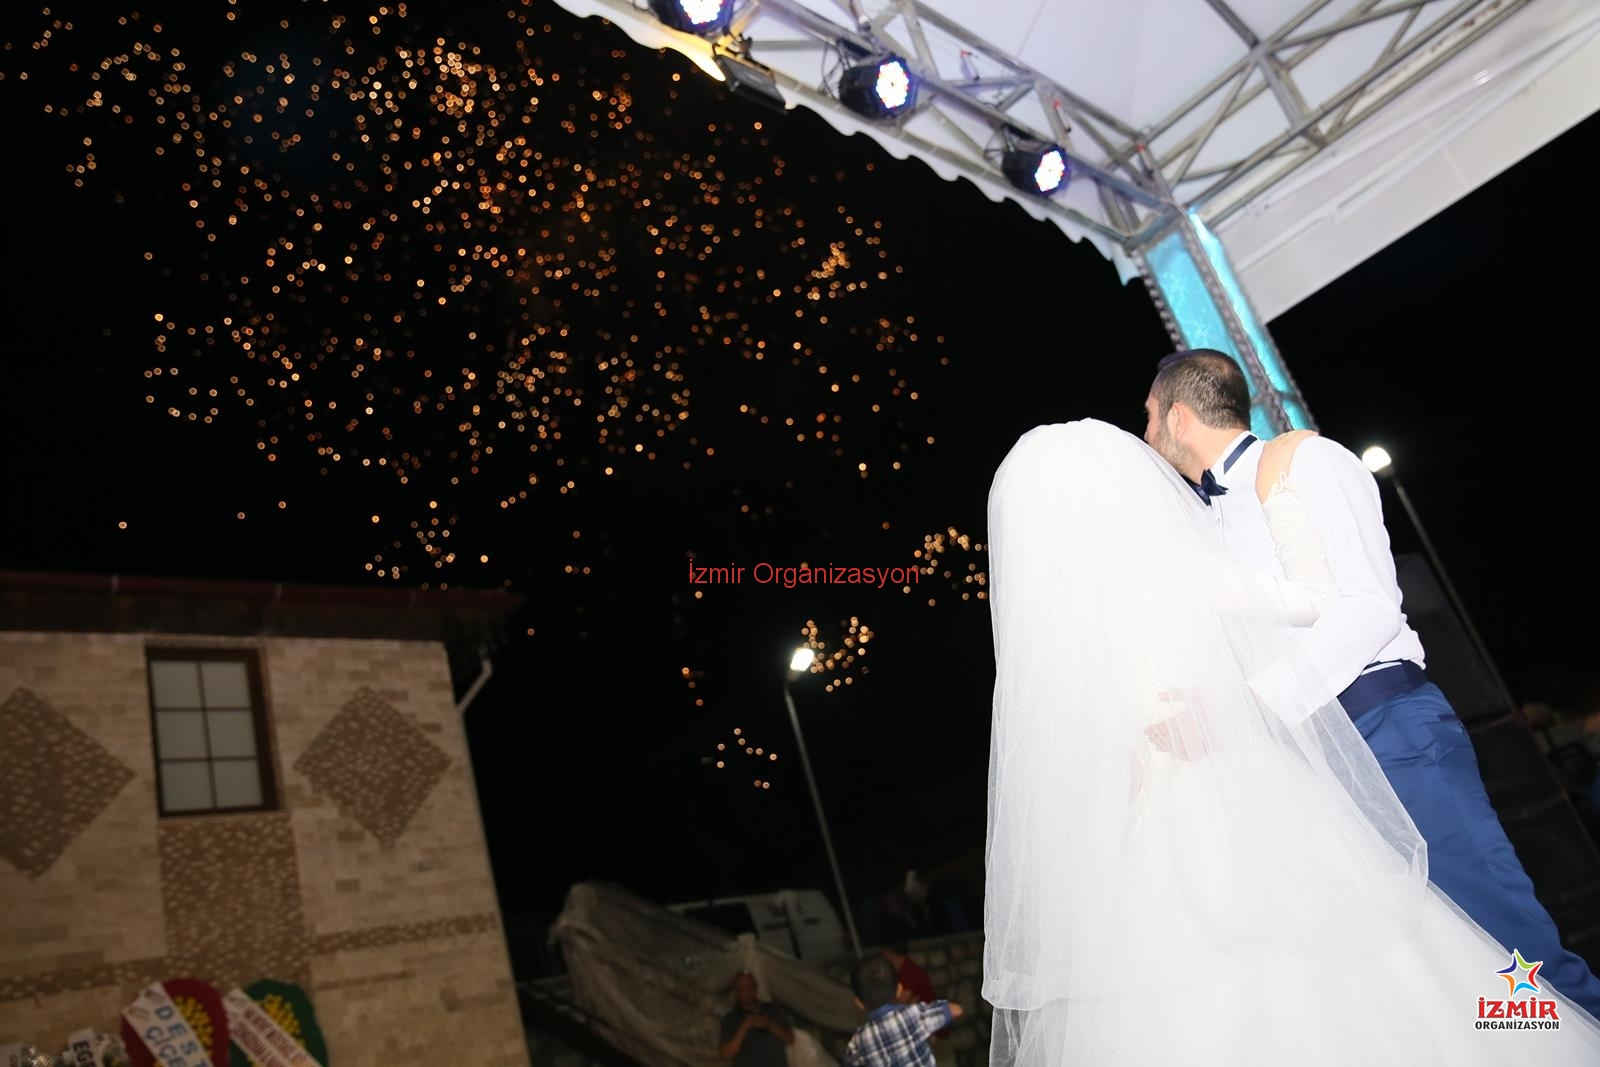 e63358c60 Düğün Organizasyonu, Kır Düğünü Organizasyonu İzmir Organizasyon